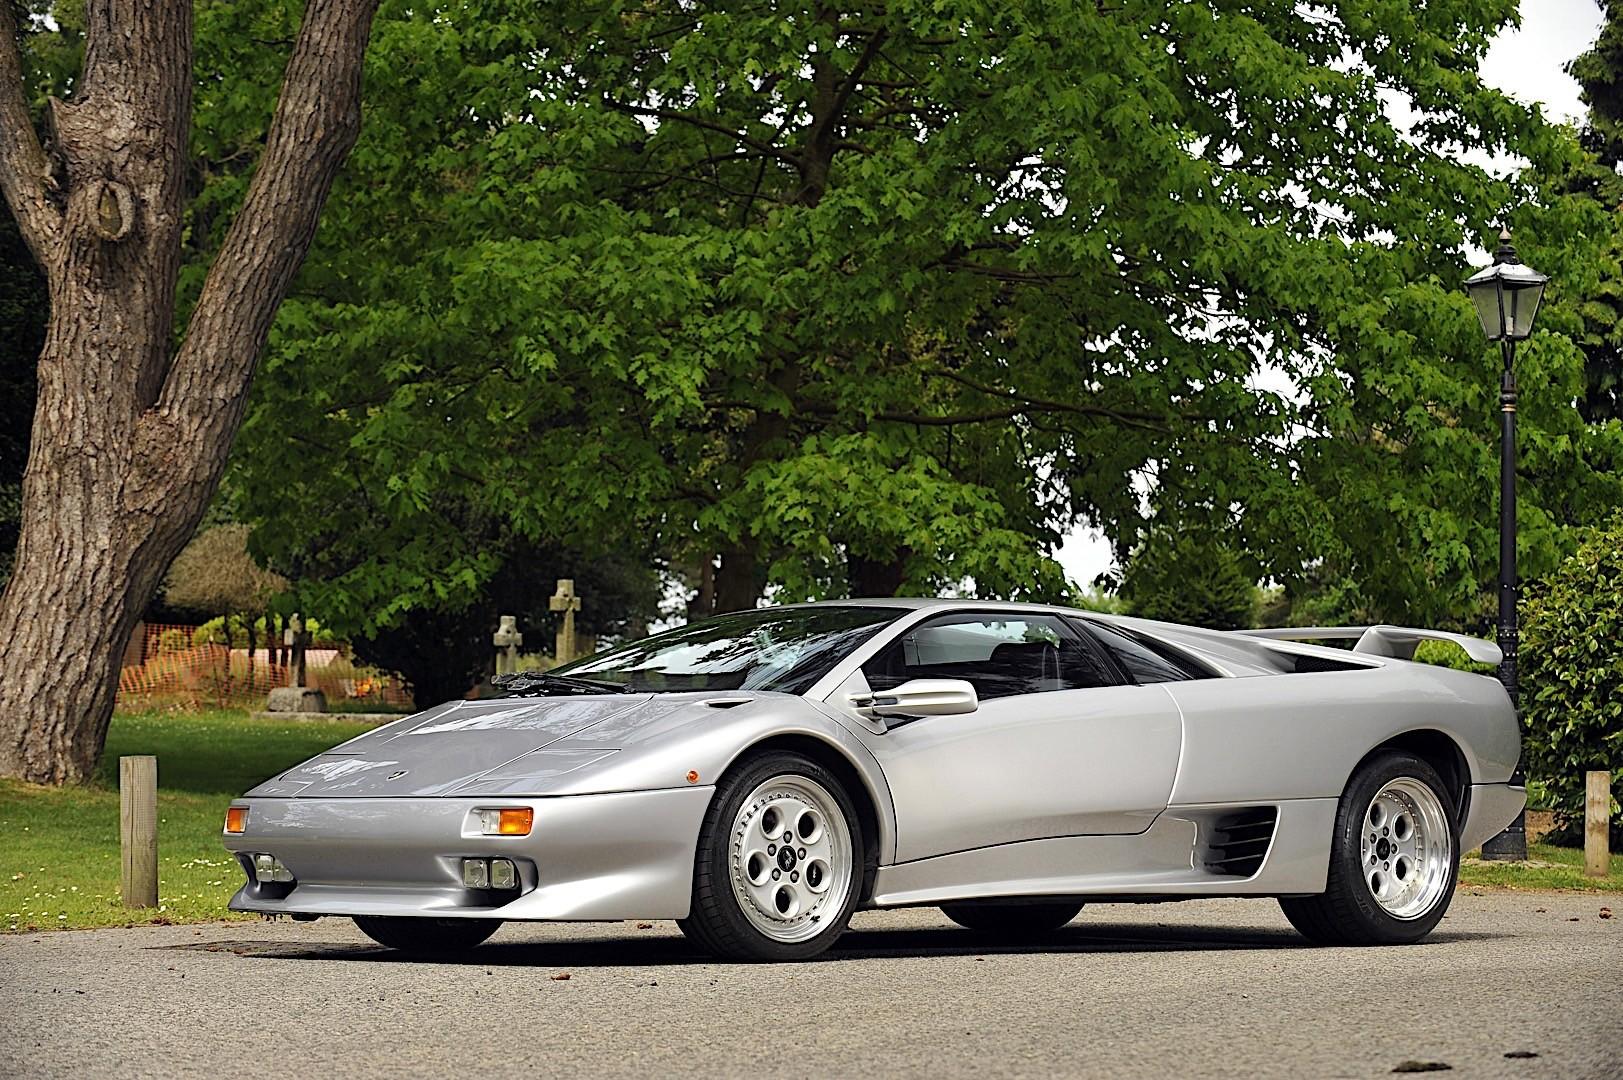 Lamborghini Diablo Vt Specs 1993 1994 1995 1996 1997